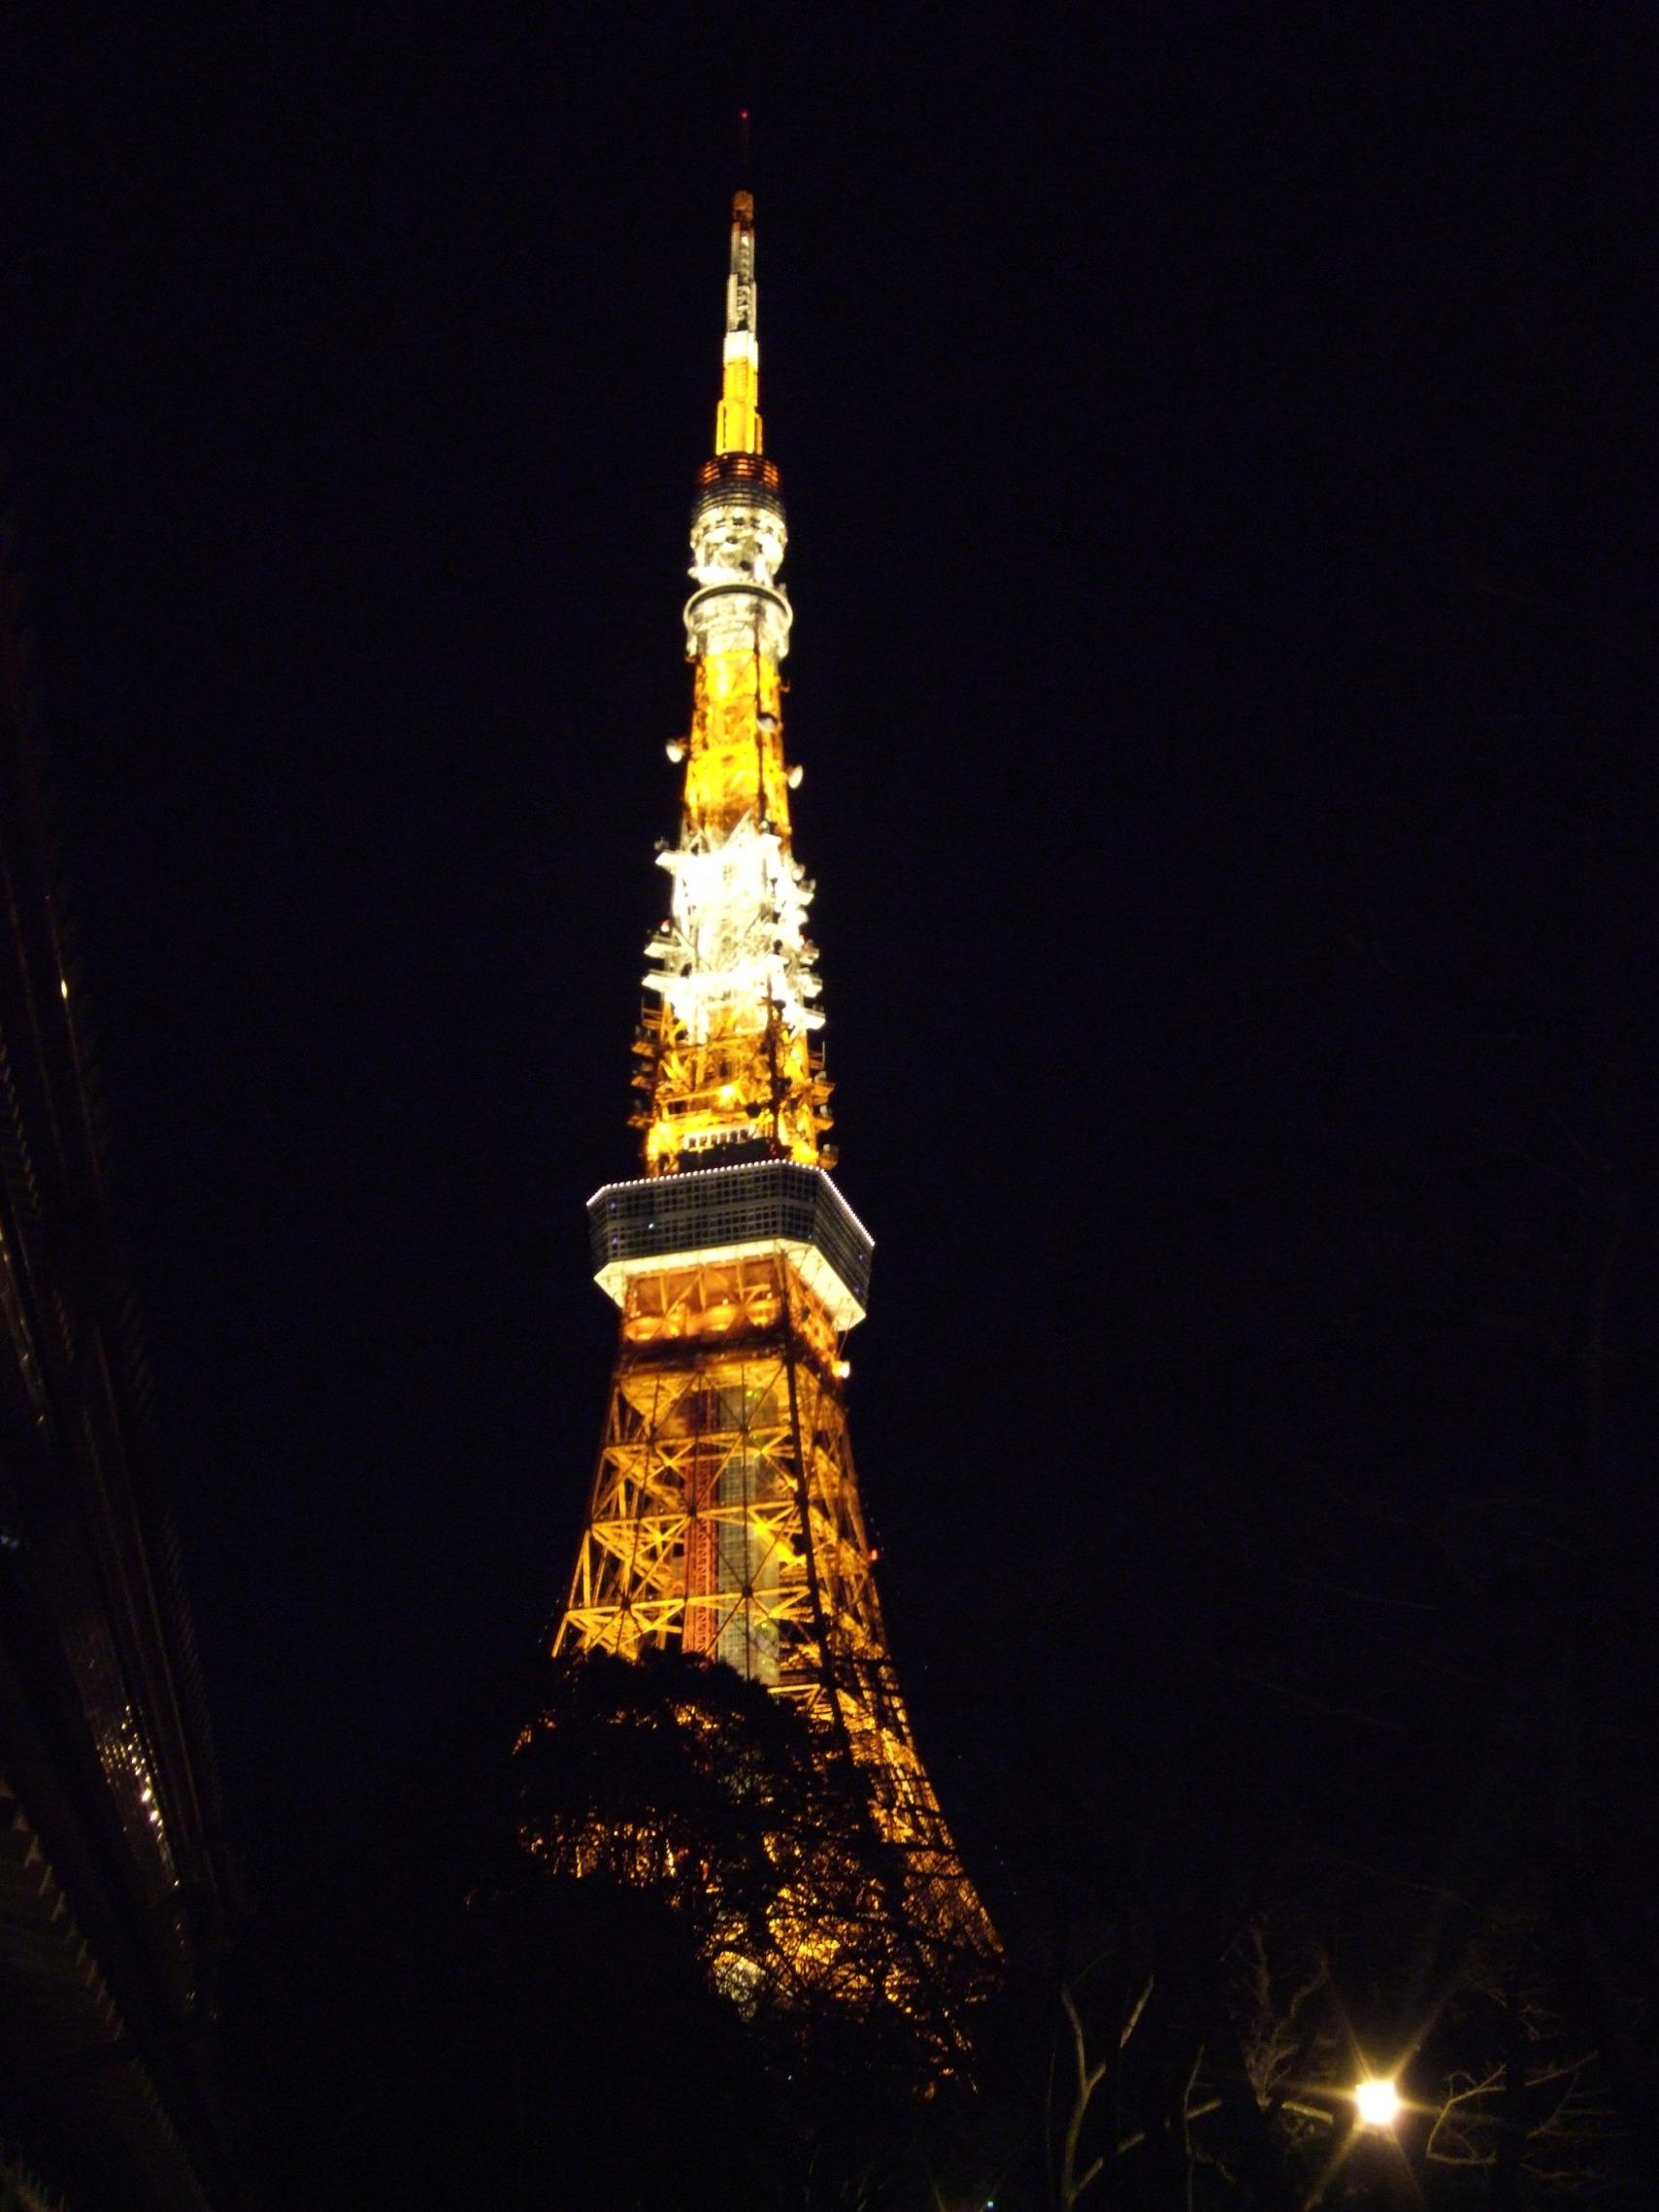 2011東京跨年之倒數開始 @ evita的部落格 :: 痞客邦